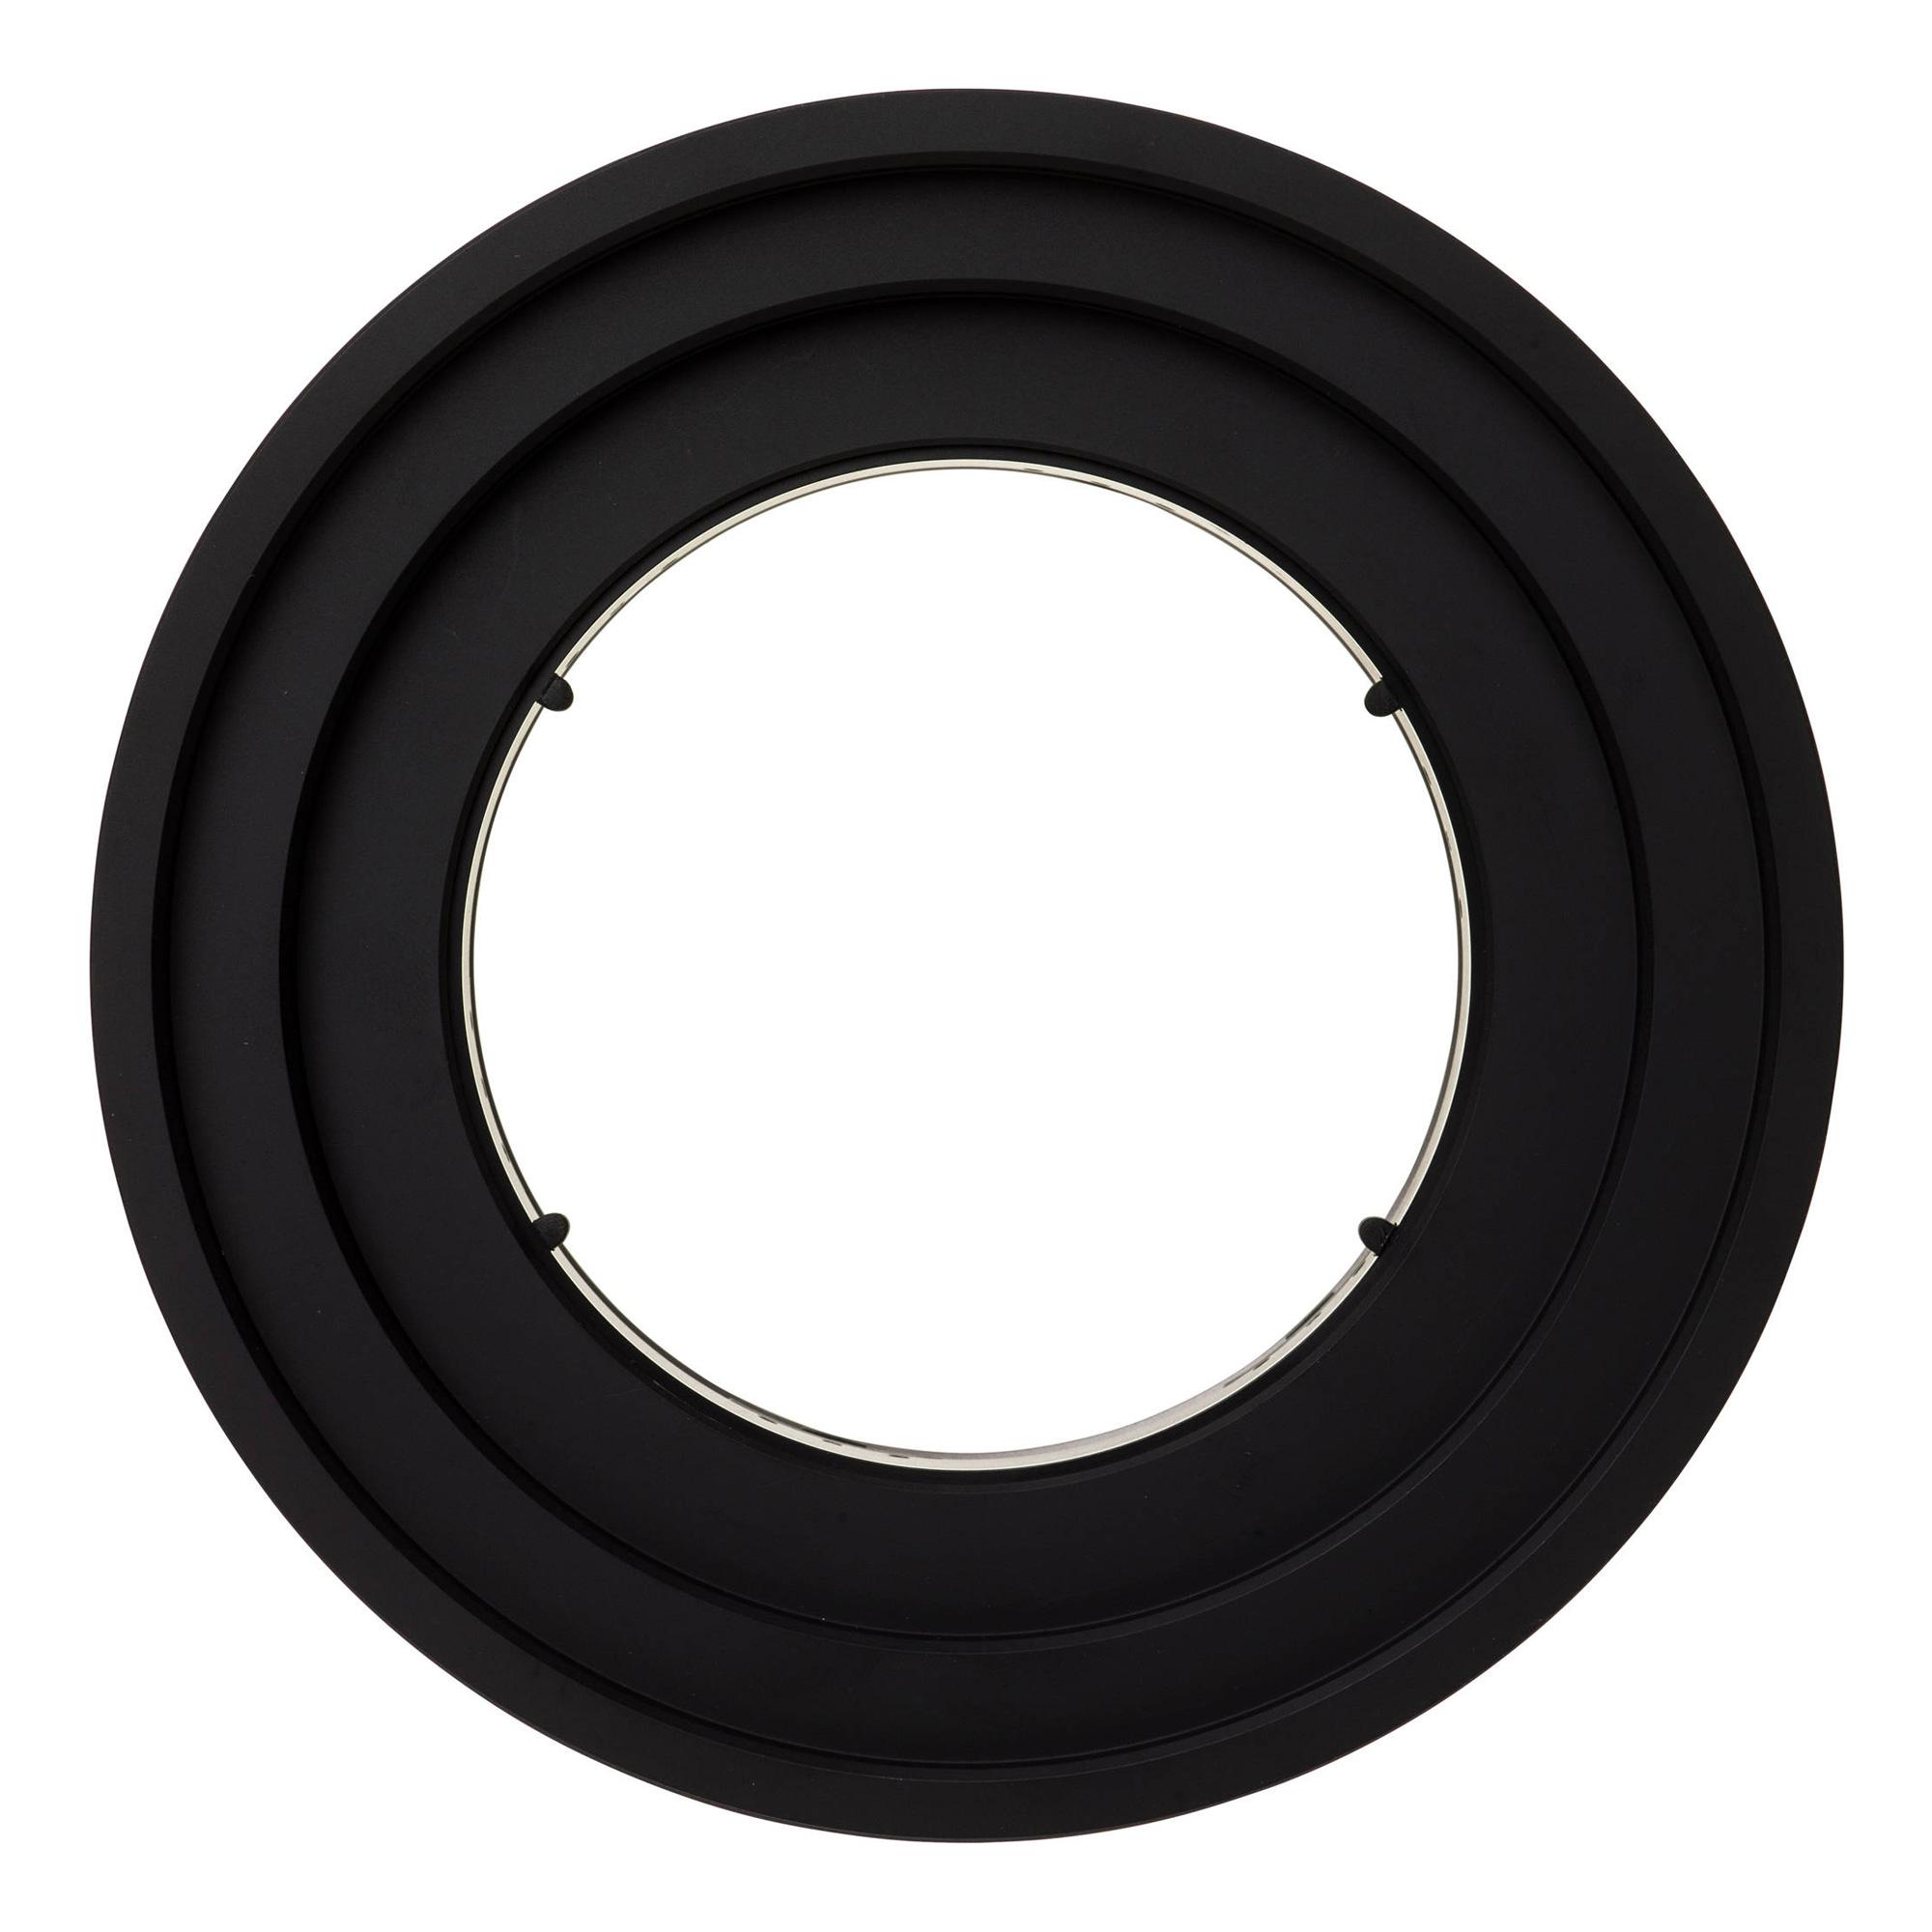 150mm Professional Filter Holder Lens Ring for Sigma 12-24mm f/4.5-5.6 EX DG HSM II Lens